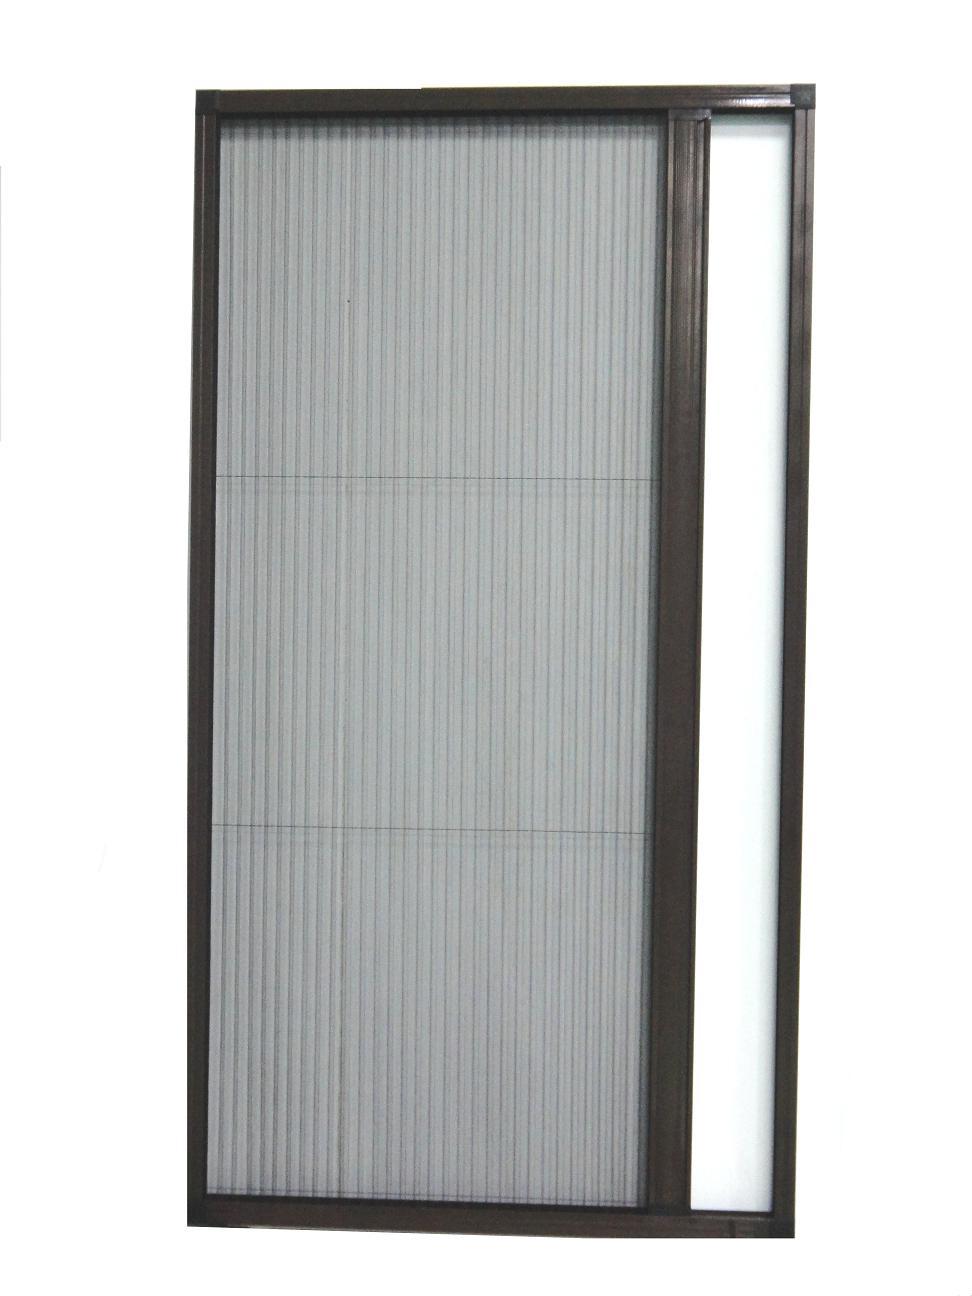 2.5代摺疊紗窗 / 清展科技股份有限公司